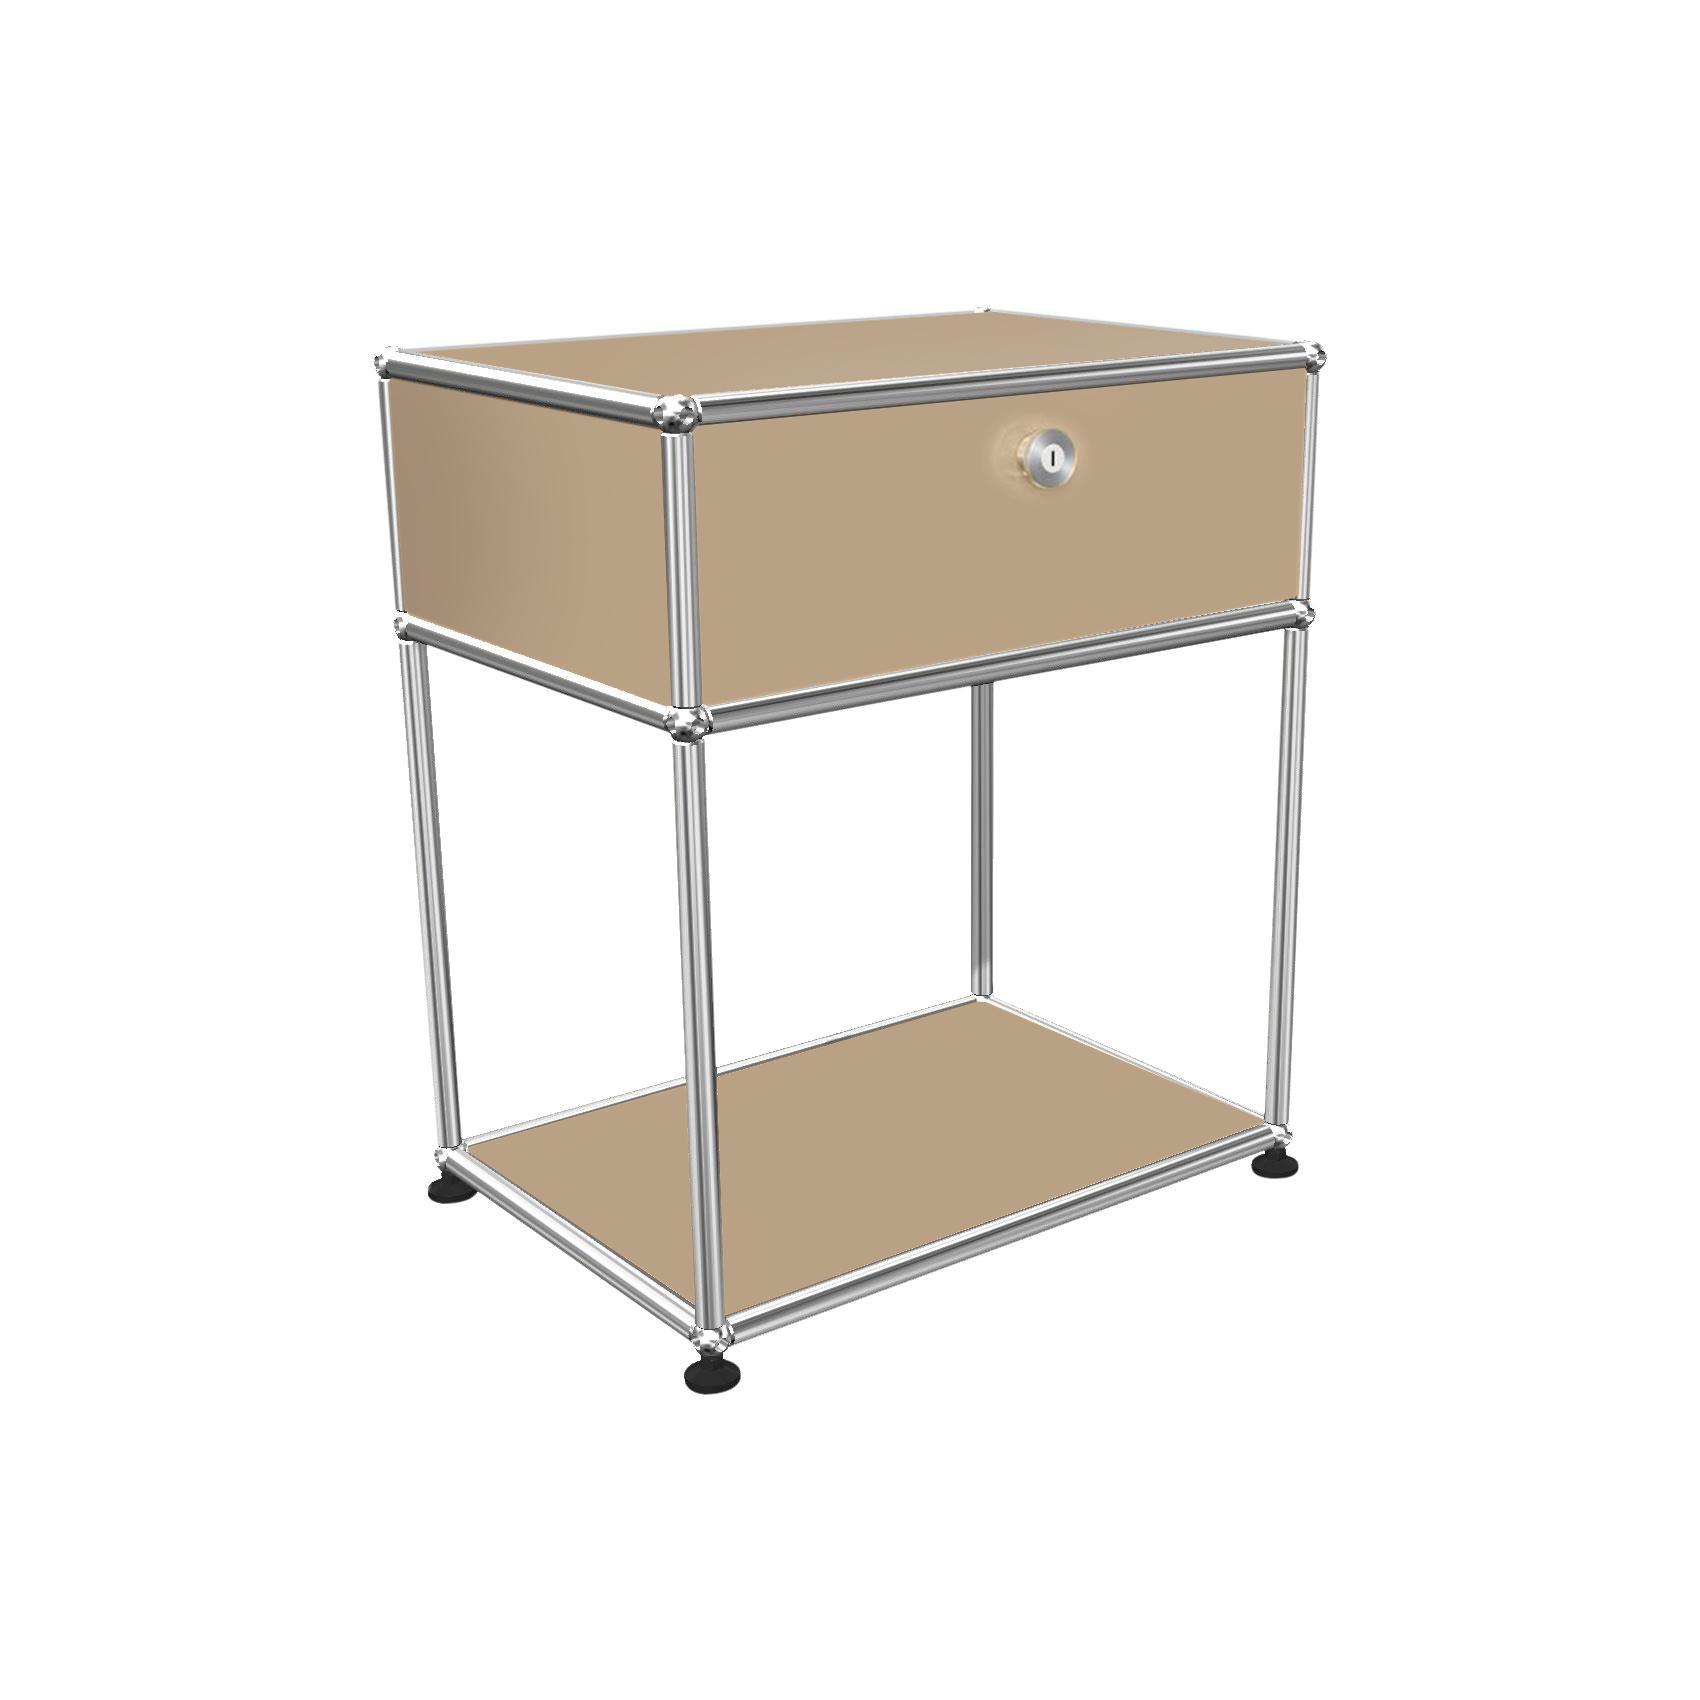 Beigebeige Beistelltische Online Kaufen Möbel Suchmaschine